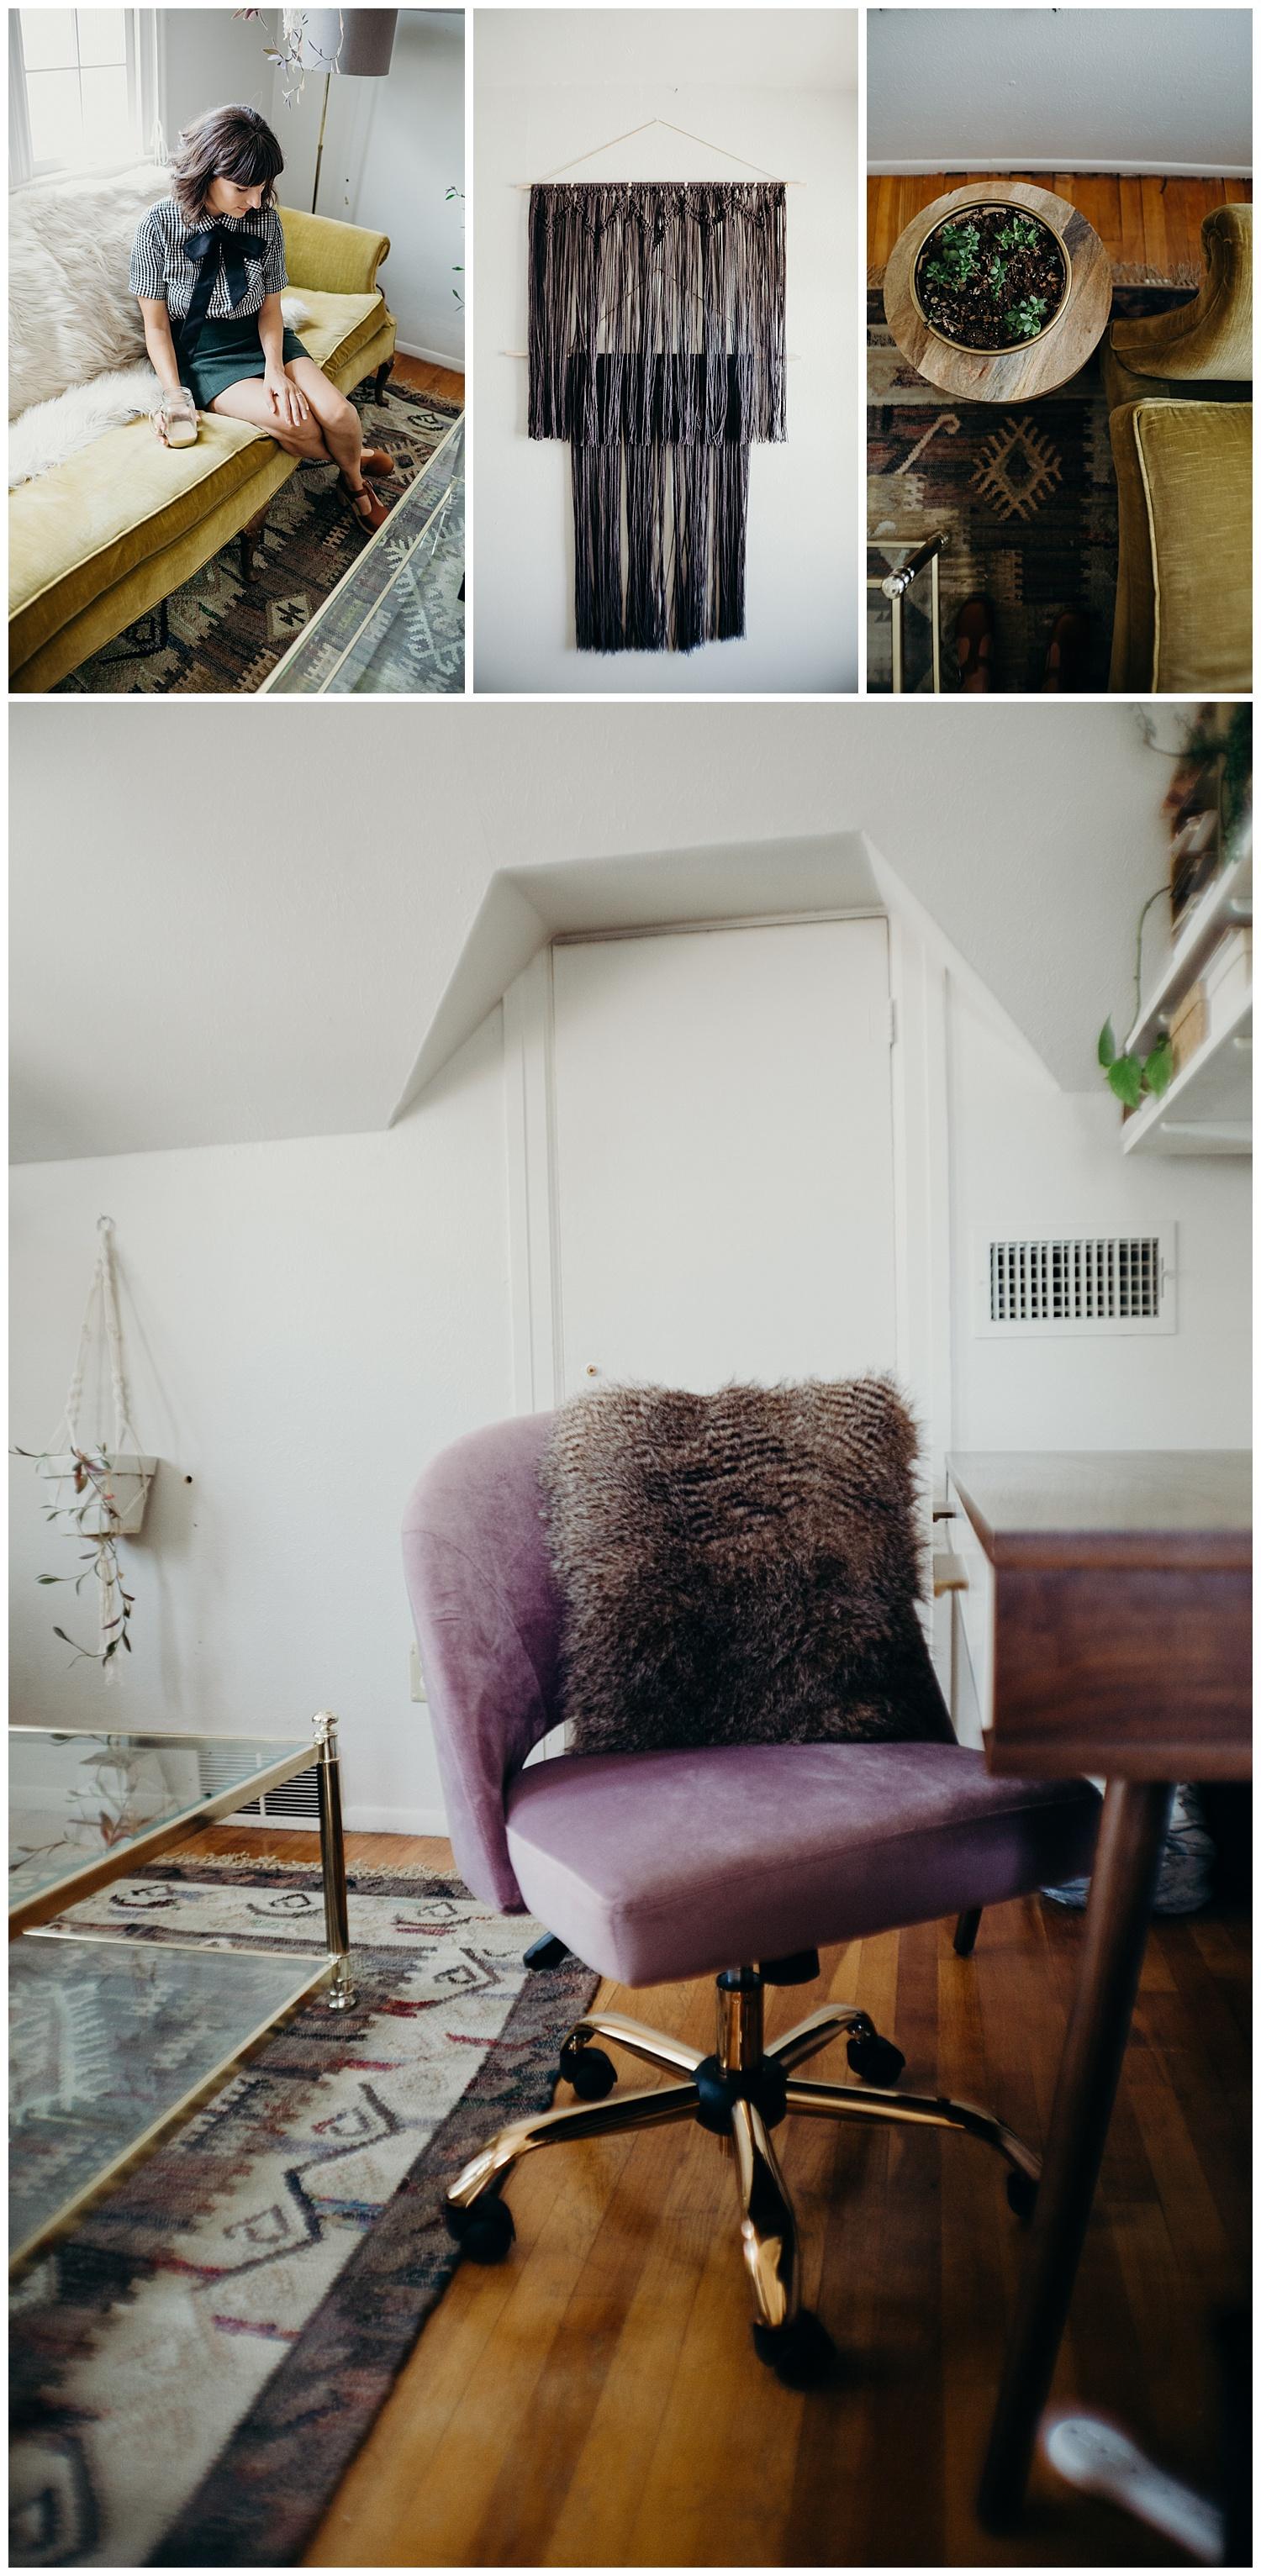 World Market Velvet Chair and Rug